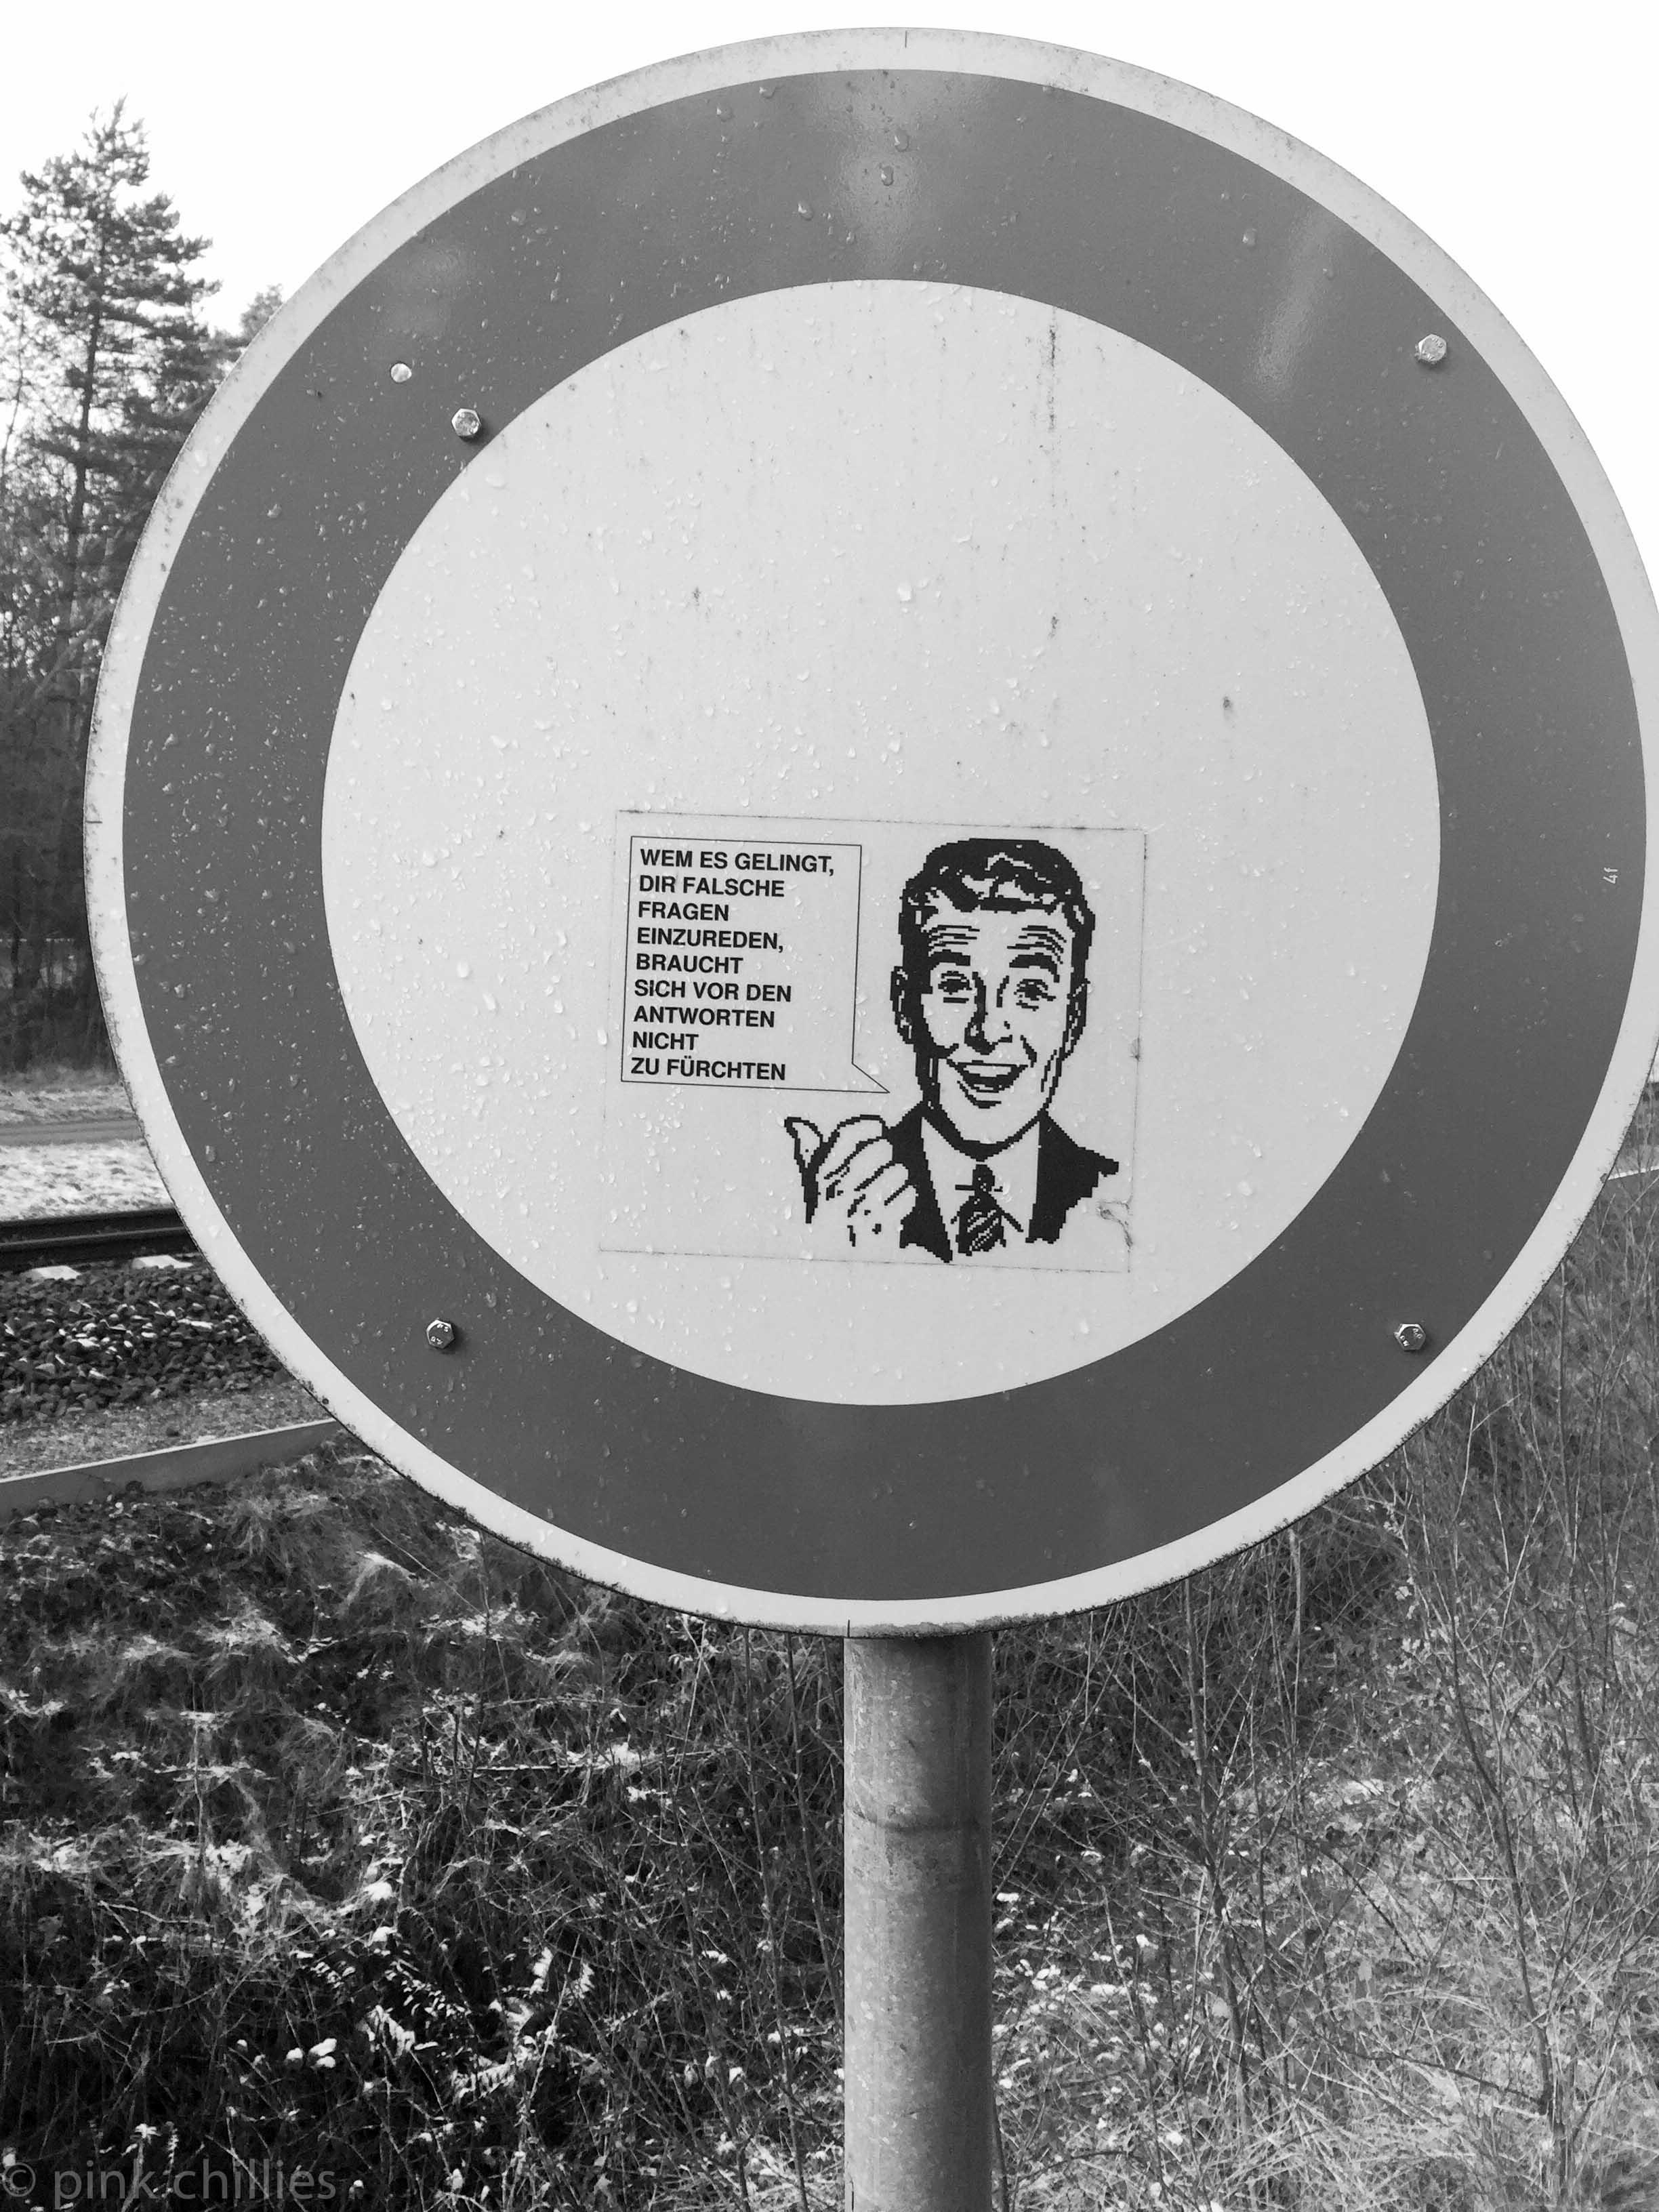 AUFKLEBER AUF VERKEHRSSCHILD